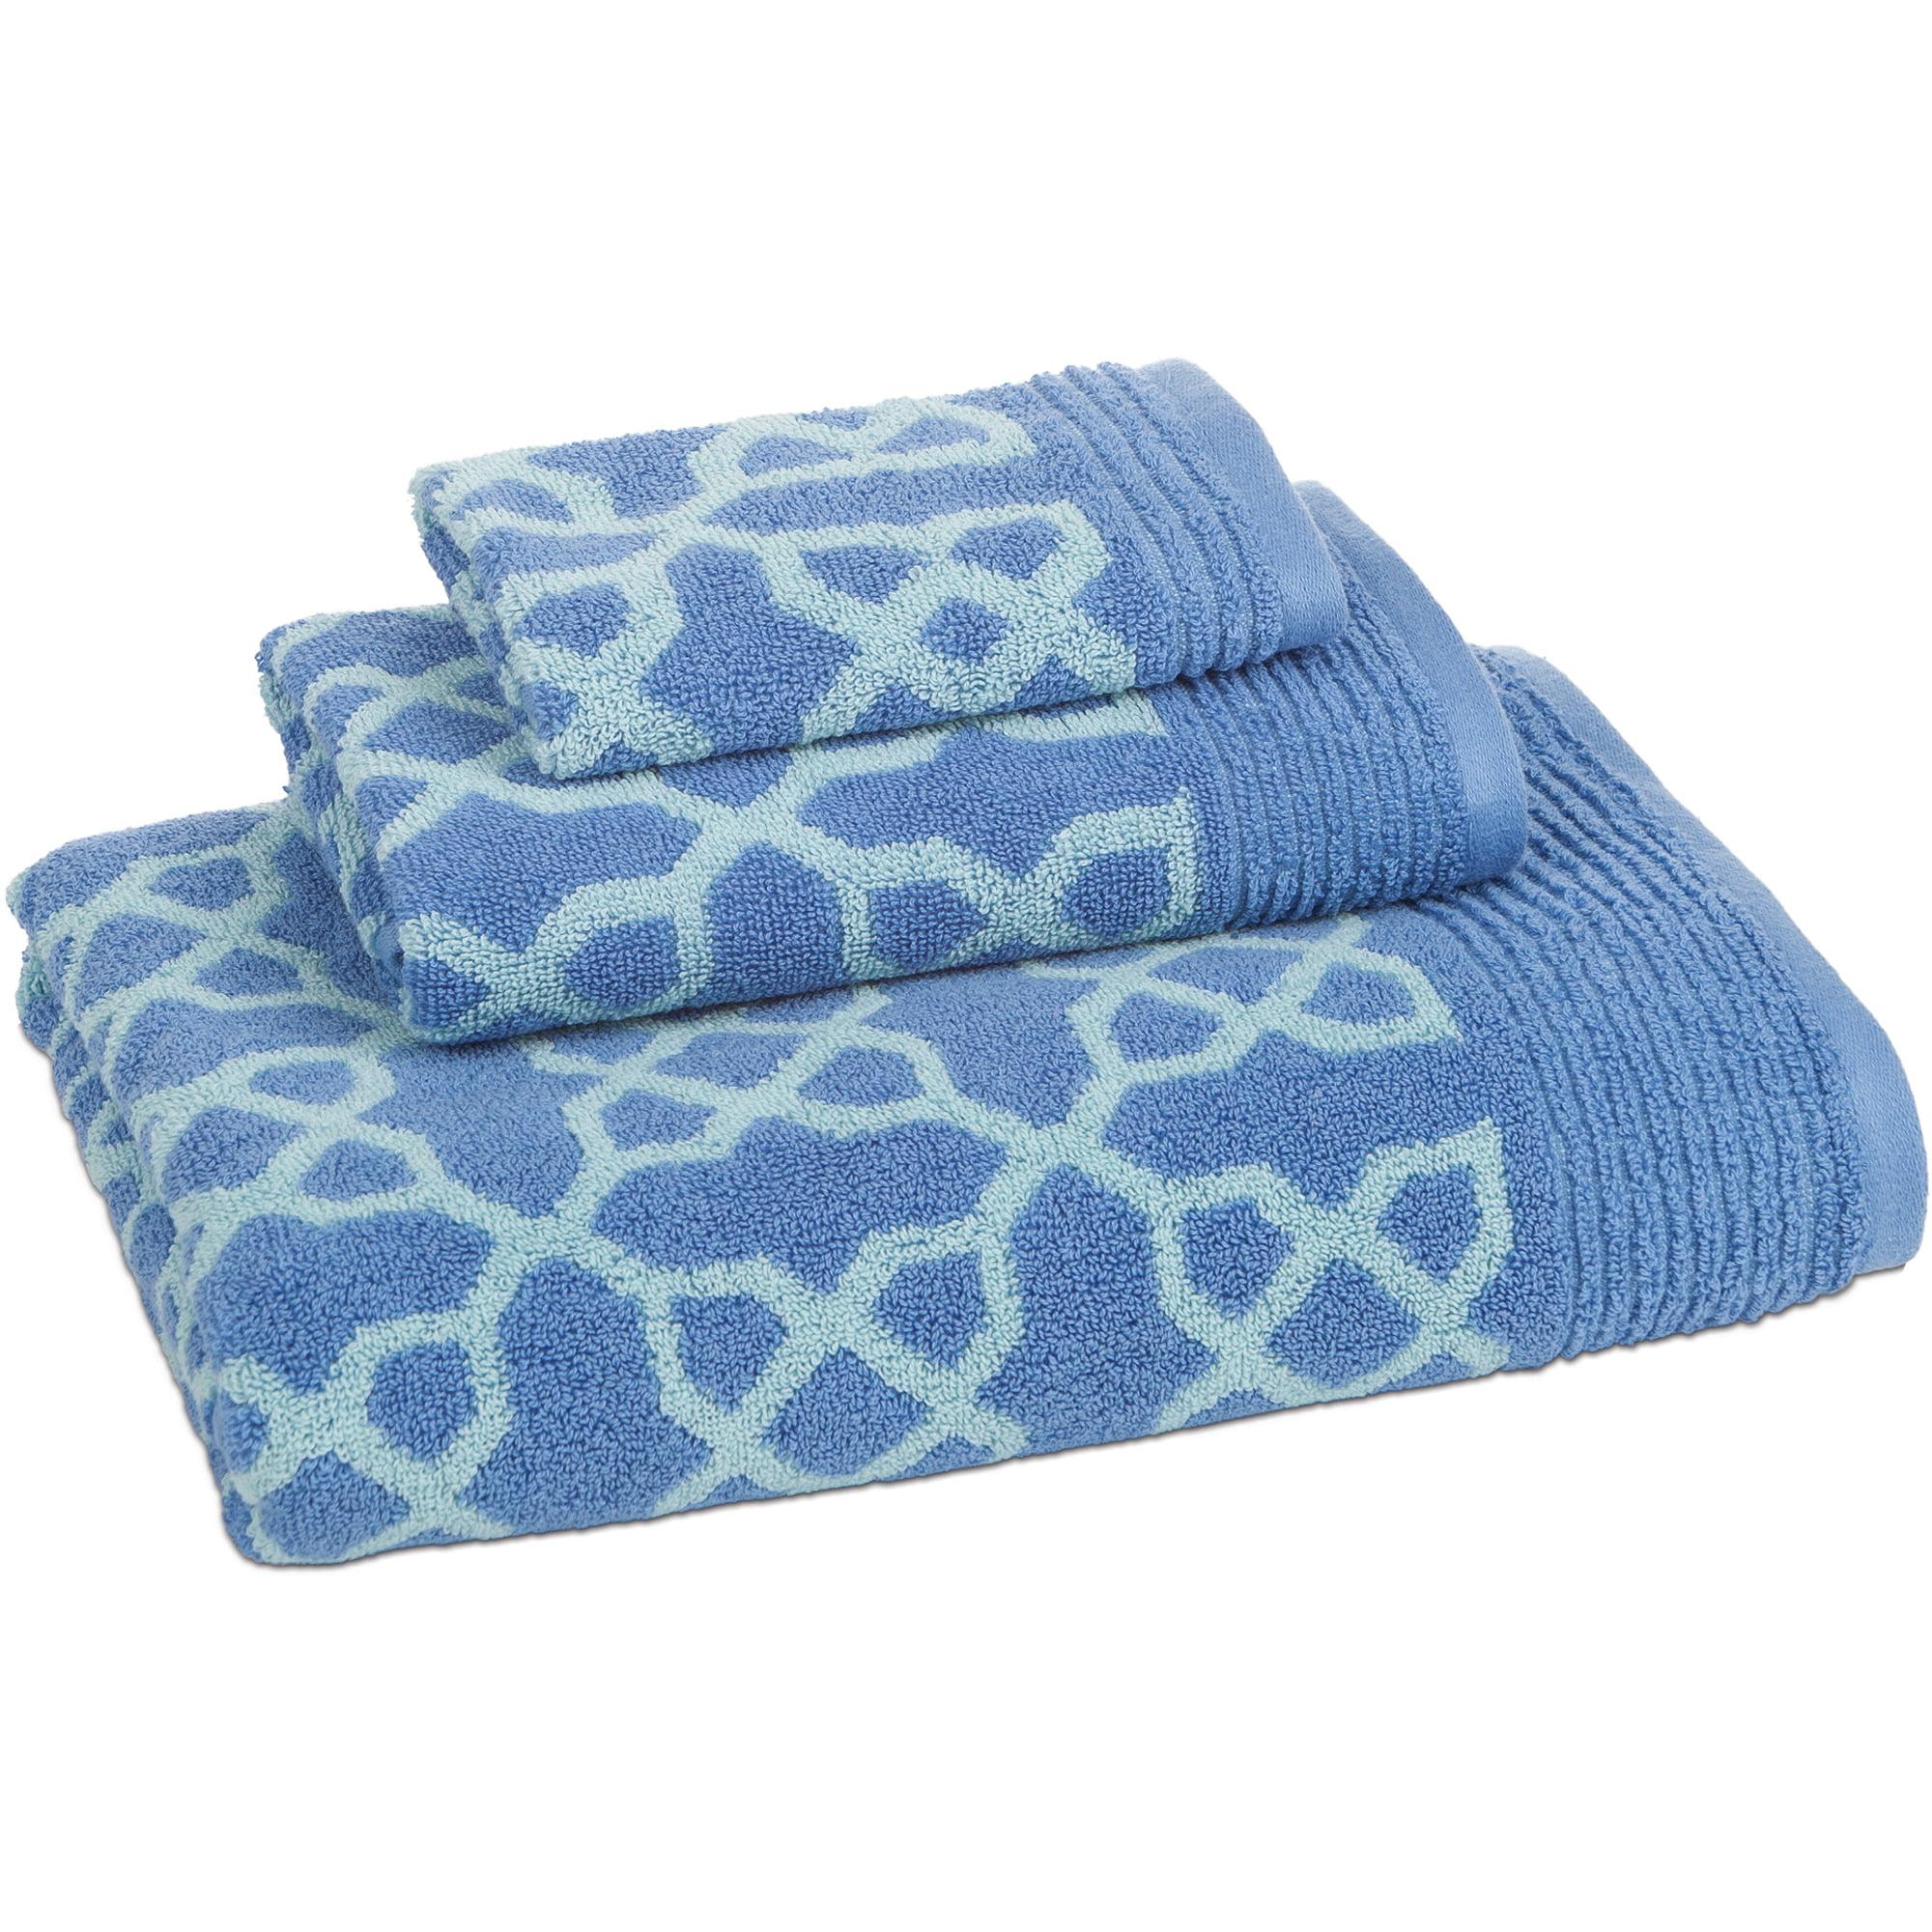 Links 3-Piece Bath Towel Set by ADI